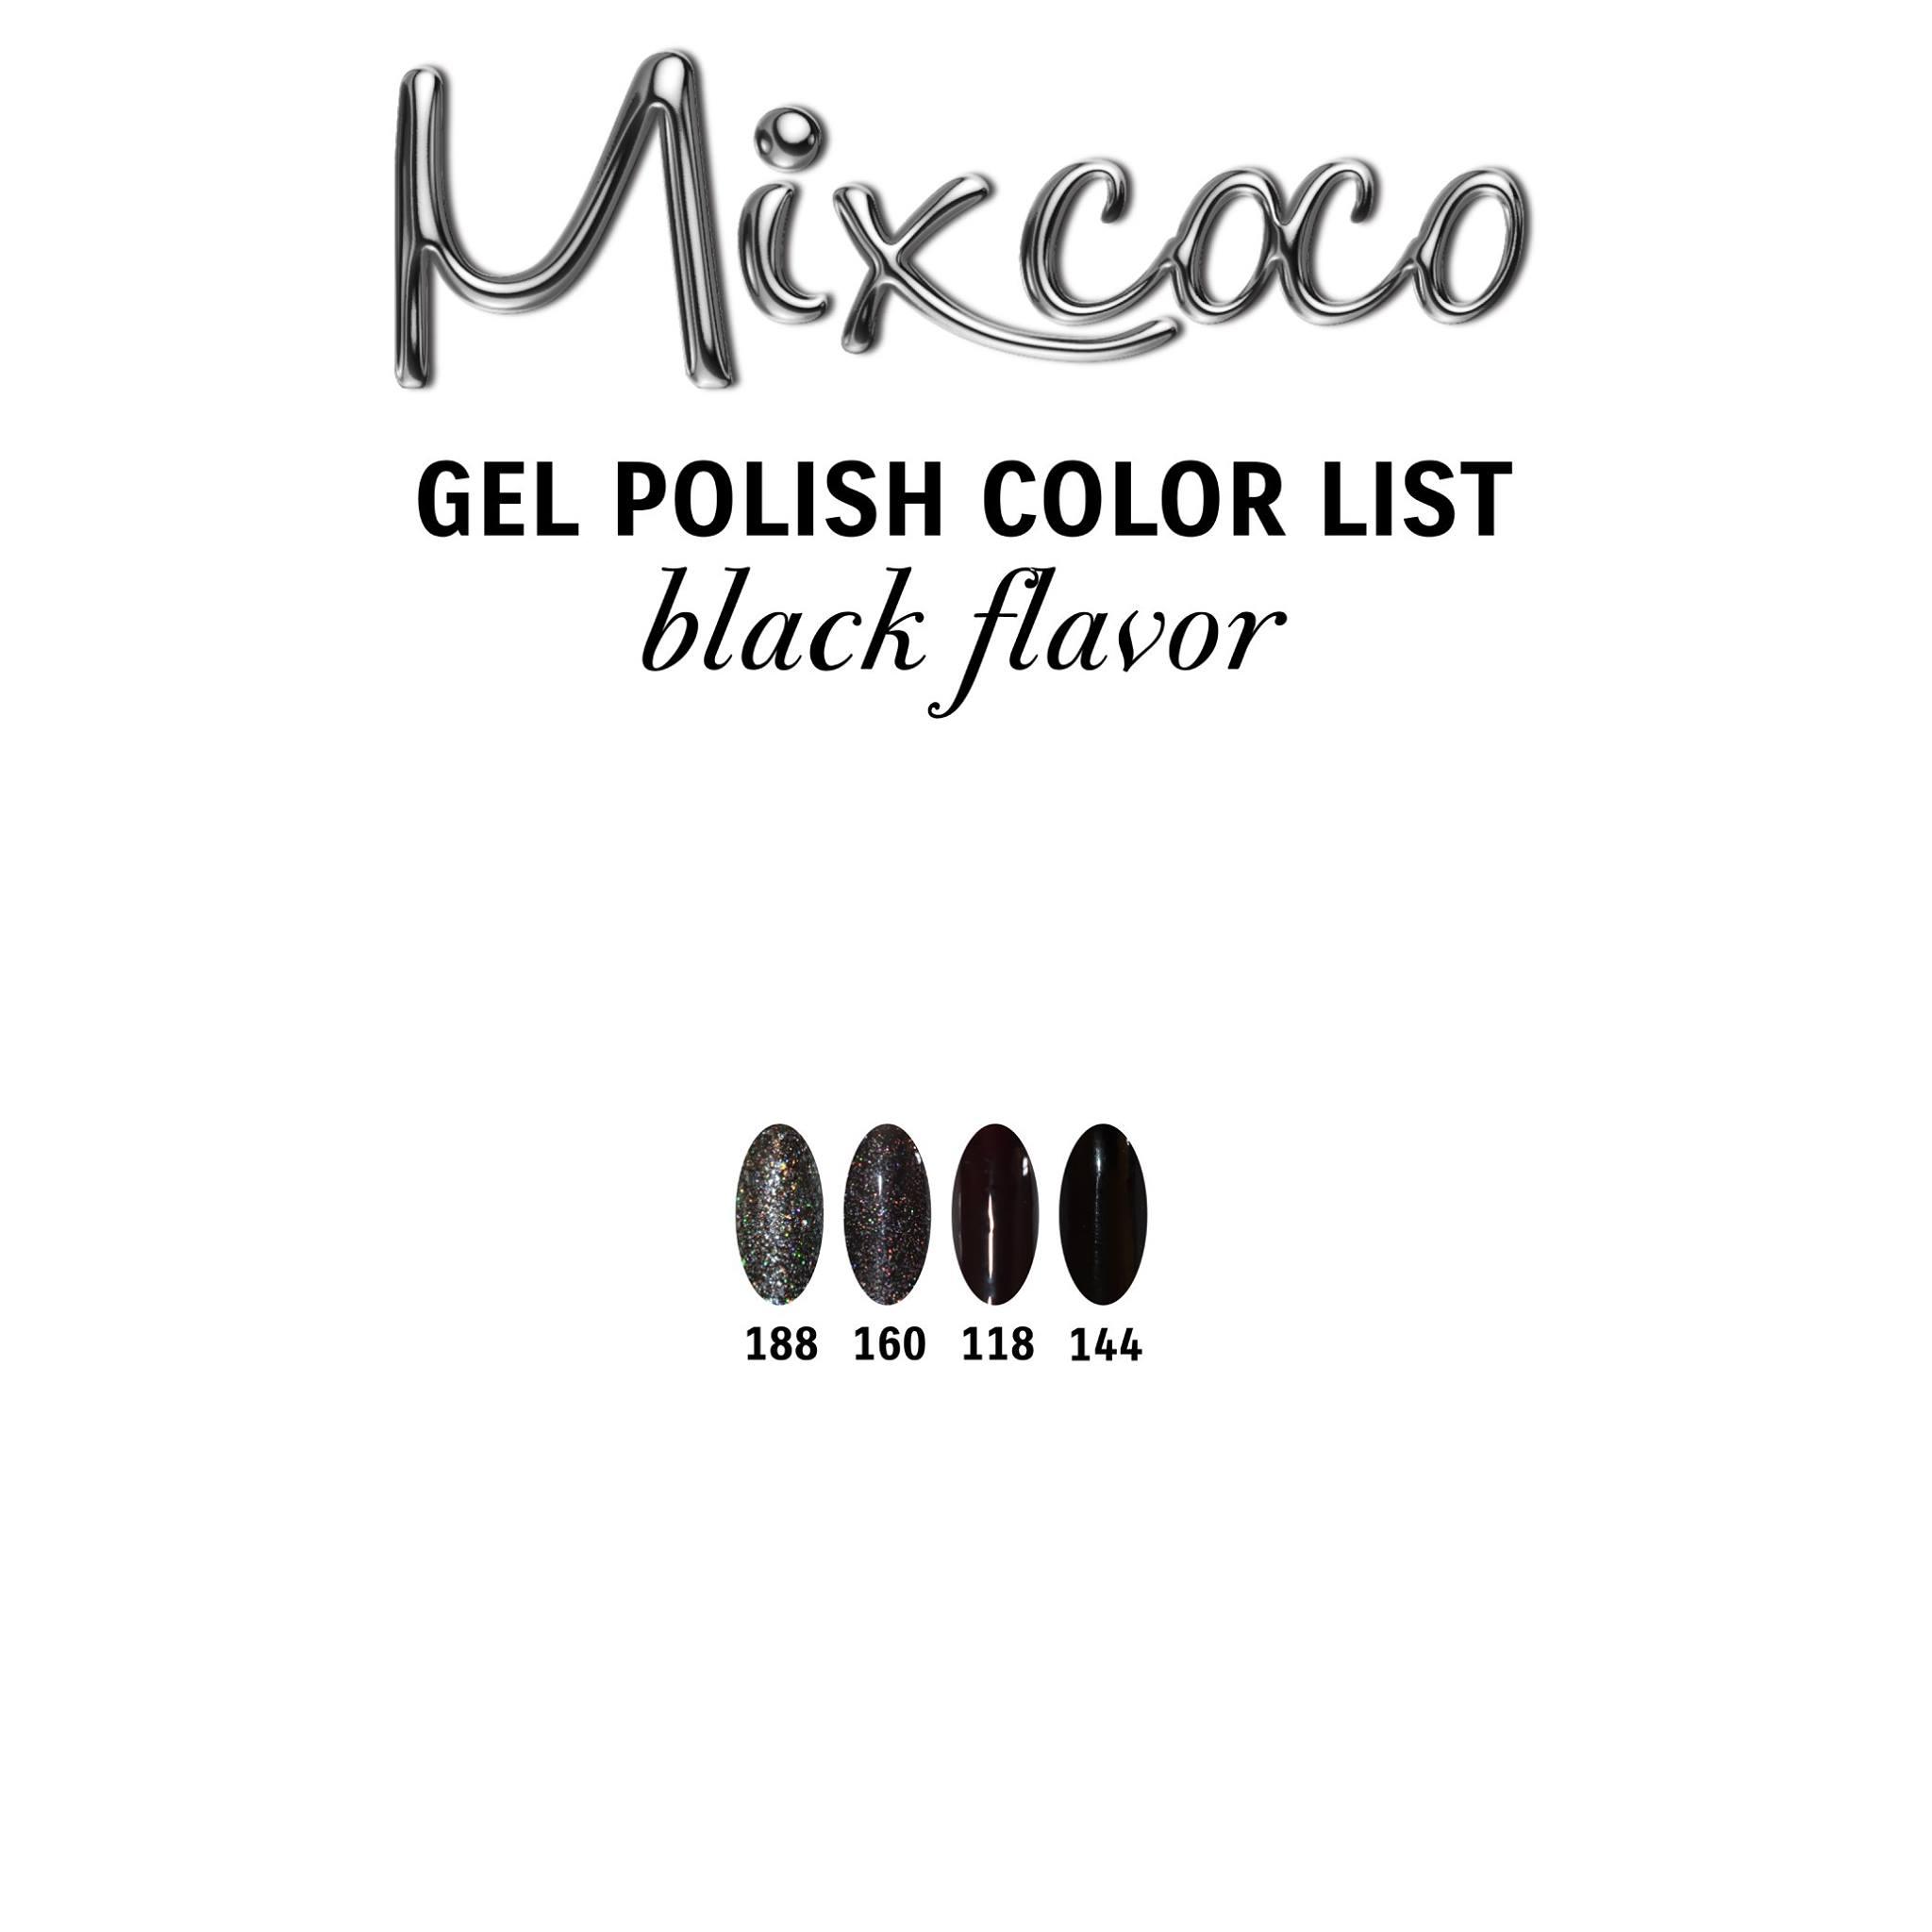 Gel Polish Color List - Black Flavor